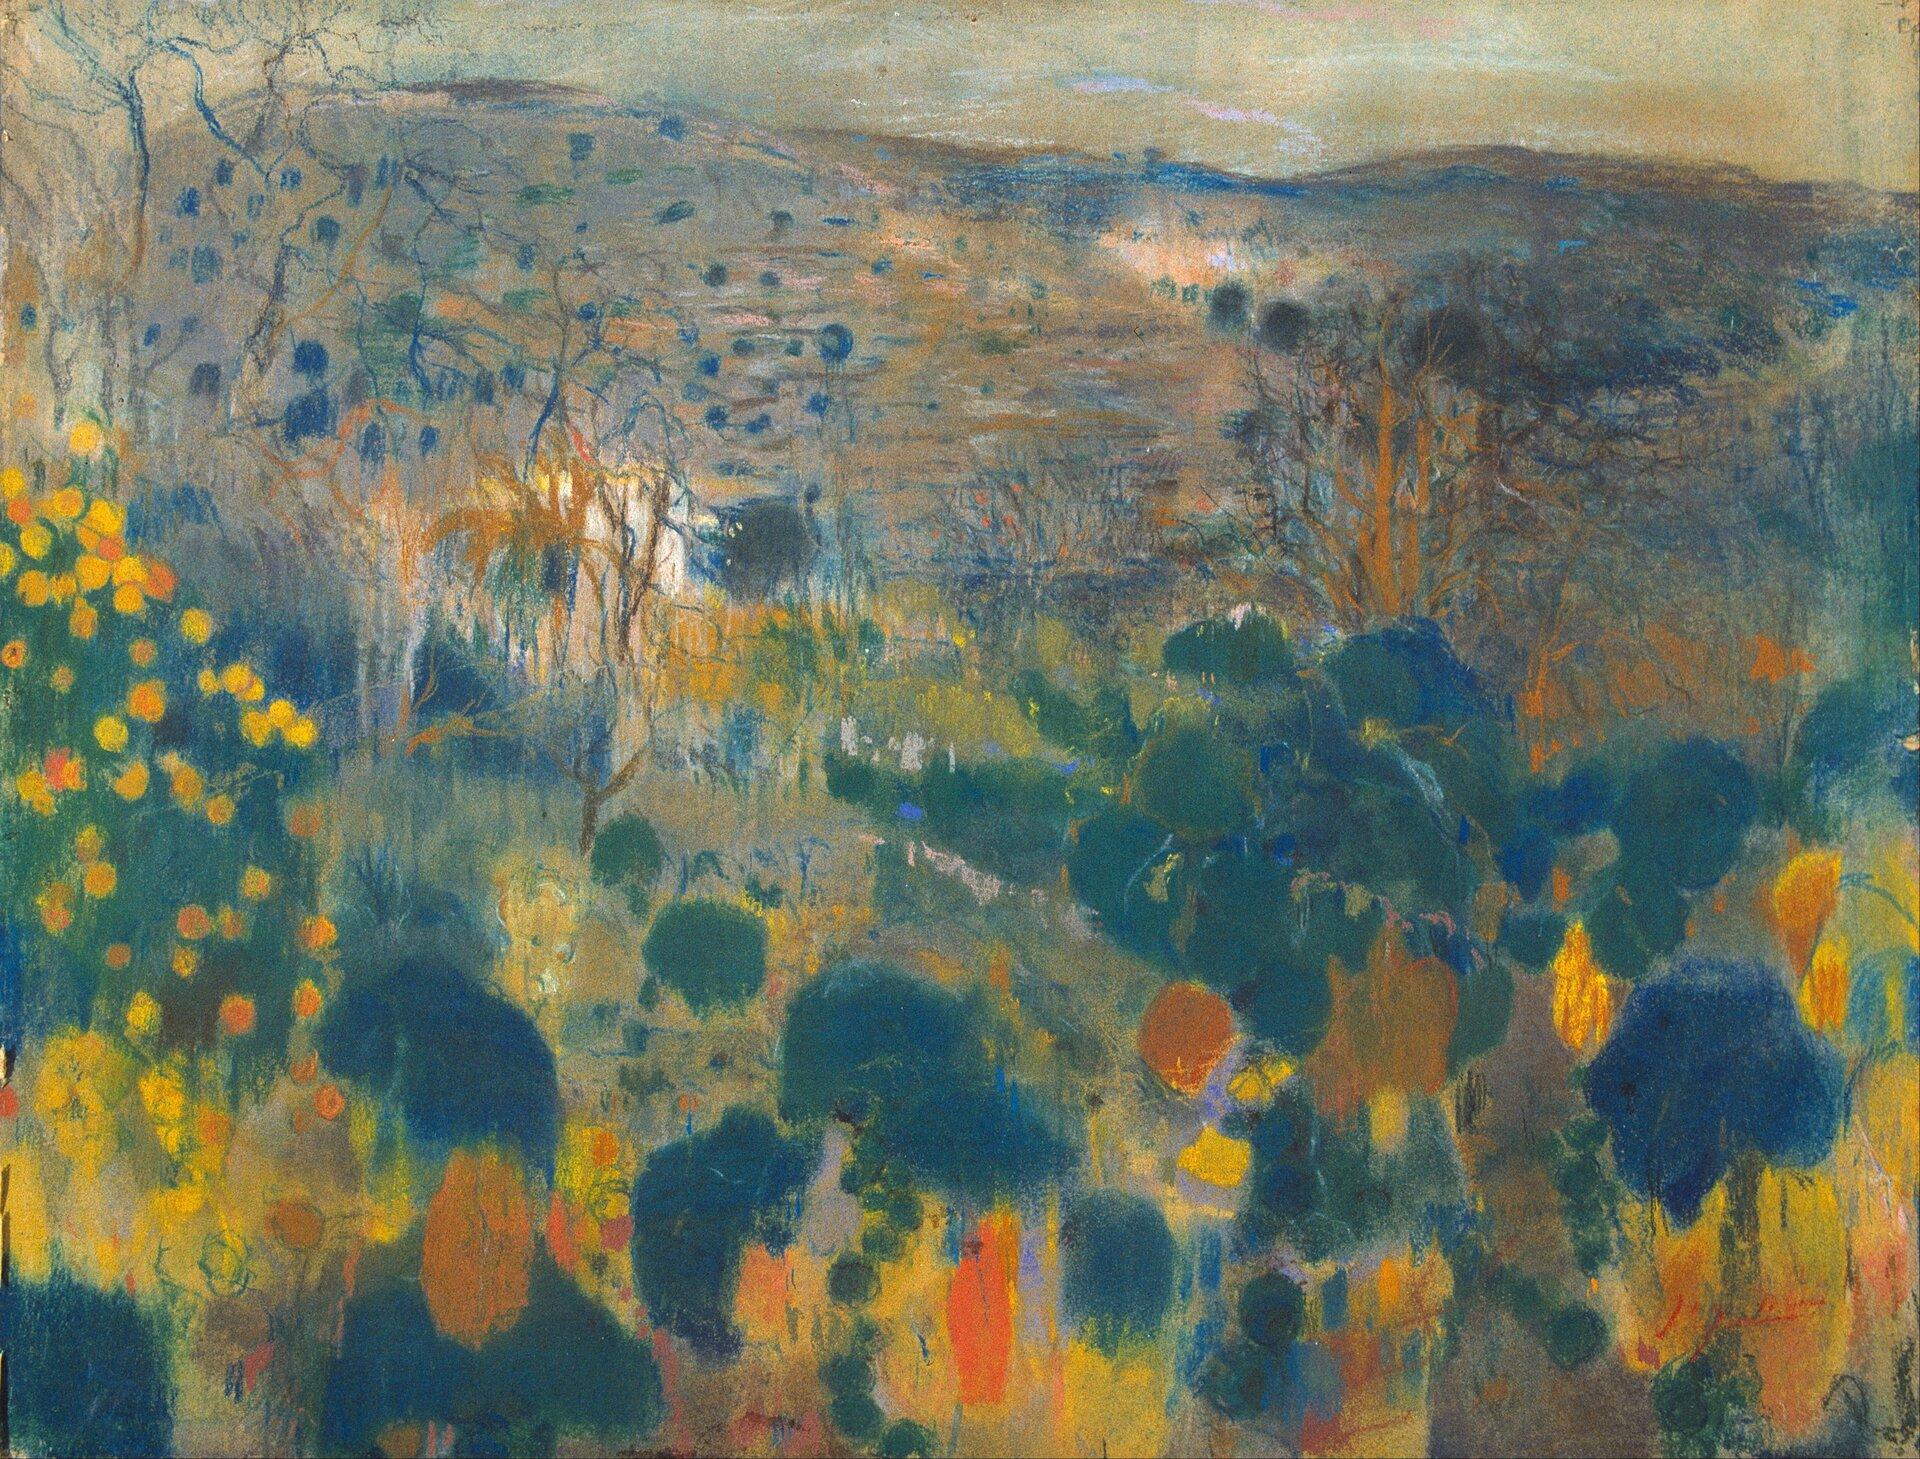 """Ilustracja przedstawia obraz """"Krajobraz"""" autorstwa Joaquima Mira. Dzieło ukazuje syntetycznie namalowany pejzaż. Artysta przy pomocy dużych, zielono-żółto-pomarańczowych plam stworzy na pierwszym planie pagórek, pełen kęp roślin ikwiatów. Wdalszej partii obrazu, nad pagórkiem wznosi się chłodna, niebiesko-szara panorama pól zamknięta falistą linią horyzontu. Górną partię obrazu zamyka pasek ciepłego, żółto-szaro-pomarańczowego nieba. Malarz przy pomocy skalowania plamy barwnej stworzył wrażenie przestrzeni. Im bliżej nas tym plama jest większa, im dalej tym drobniejsza. Kompozycja utrzymana jest wchłodnej tonacji zakcentami żółci ioranżu. Praca została wykonana techniką pasteli na papierze."""